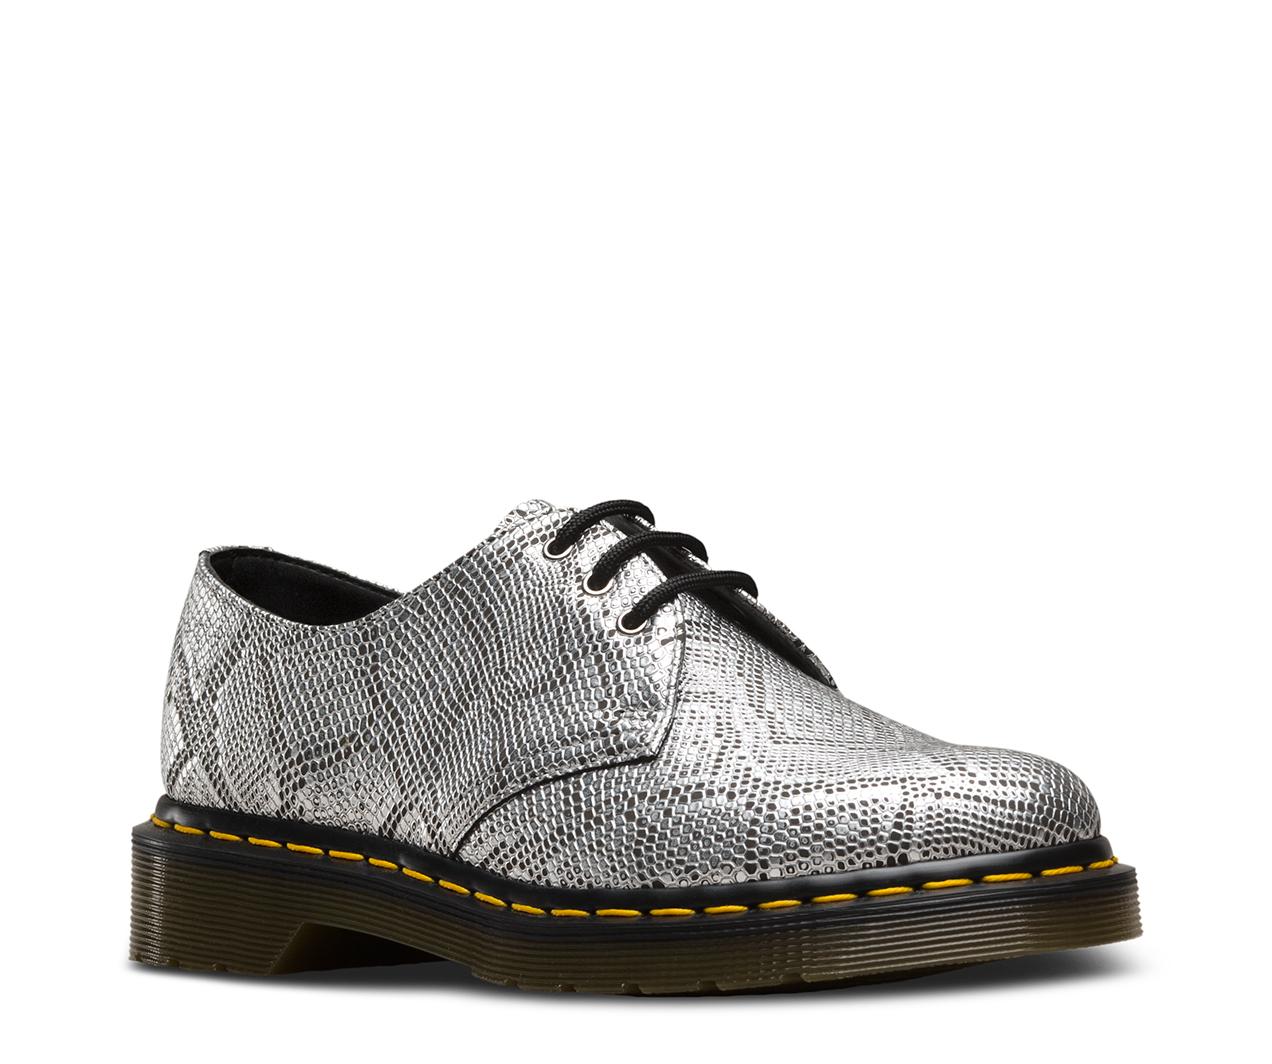 VEGAN 1461 METALLIC   Donna scarpe     Sito ufficiale Dr. Martens 61e3b3